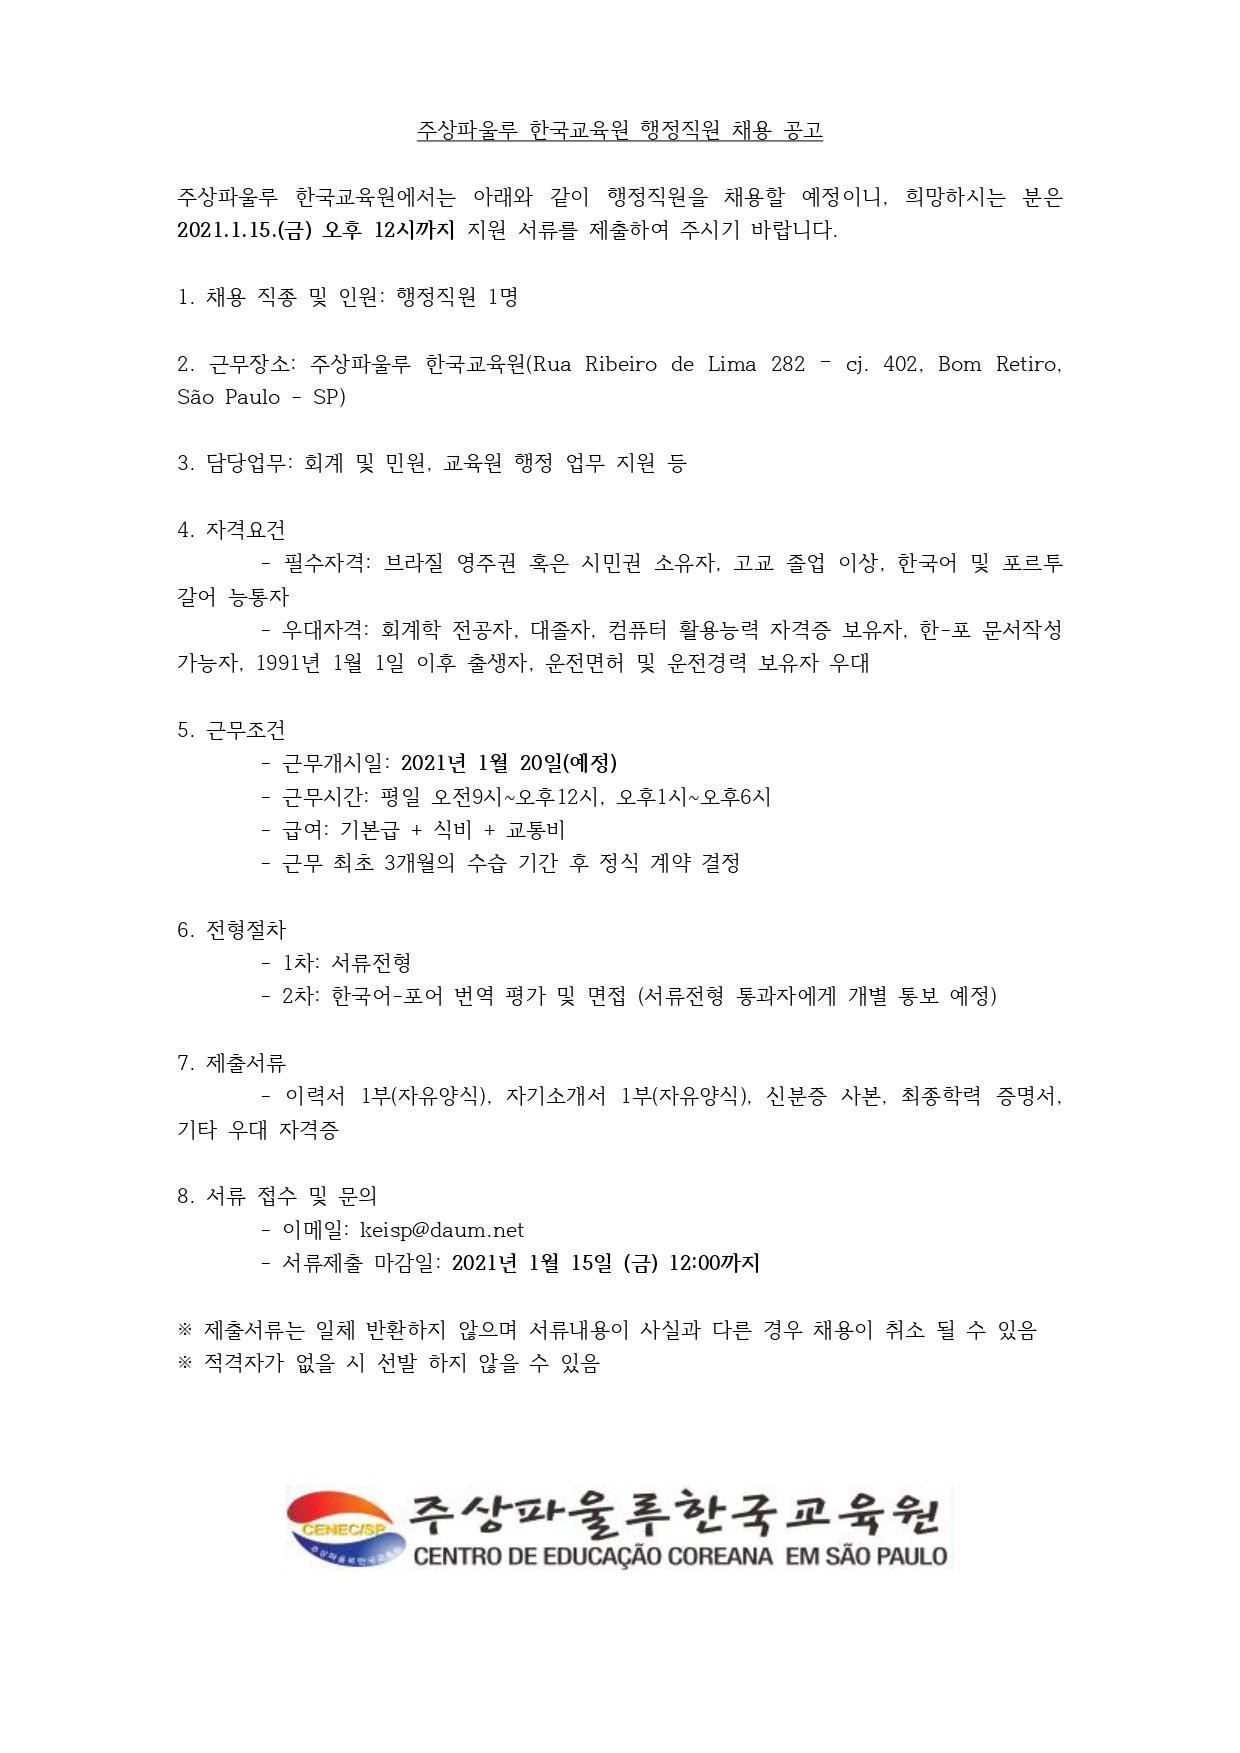 210111 주상파울루 한국교육원 행정직원 채용 공고_page-0001.jpg